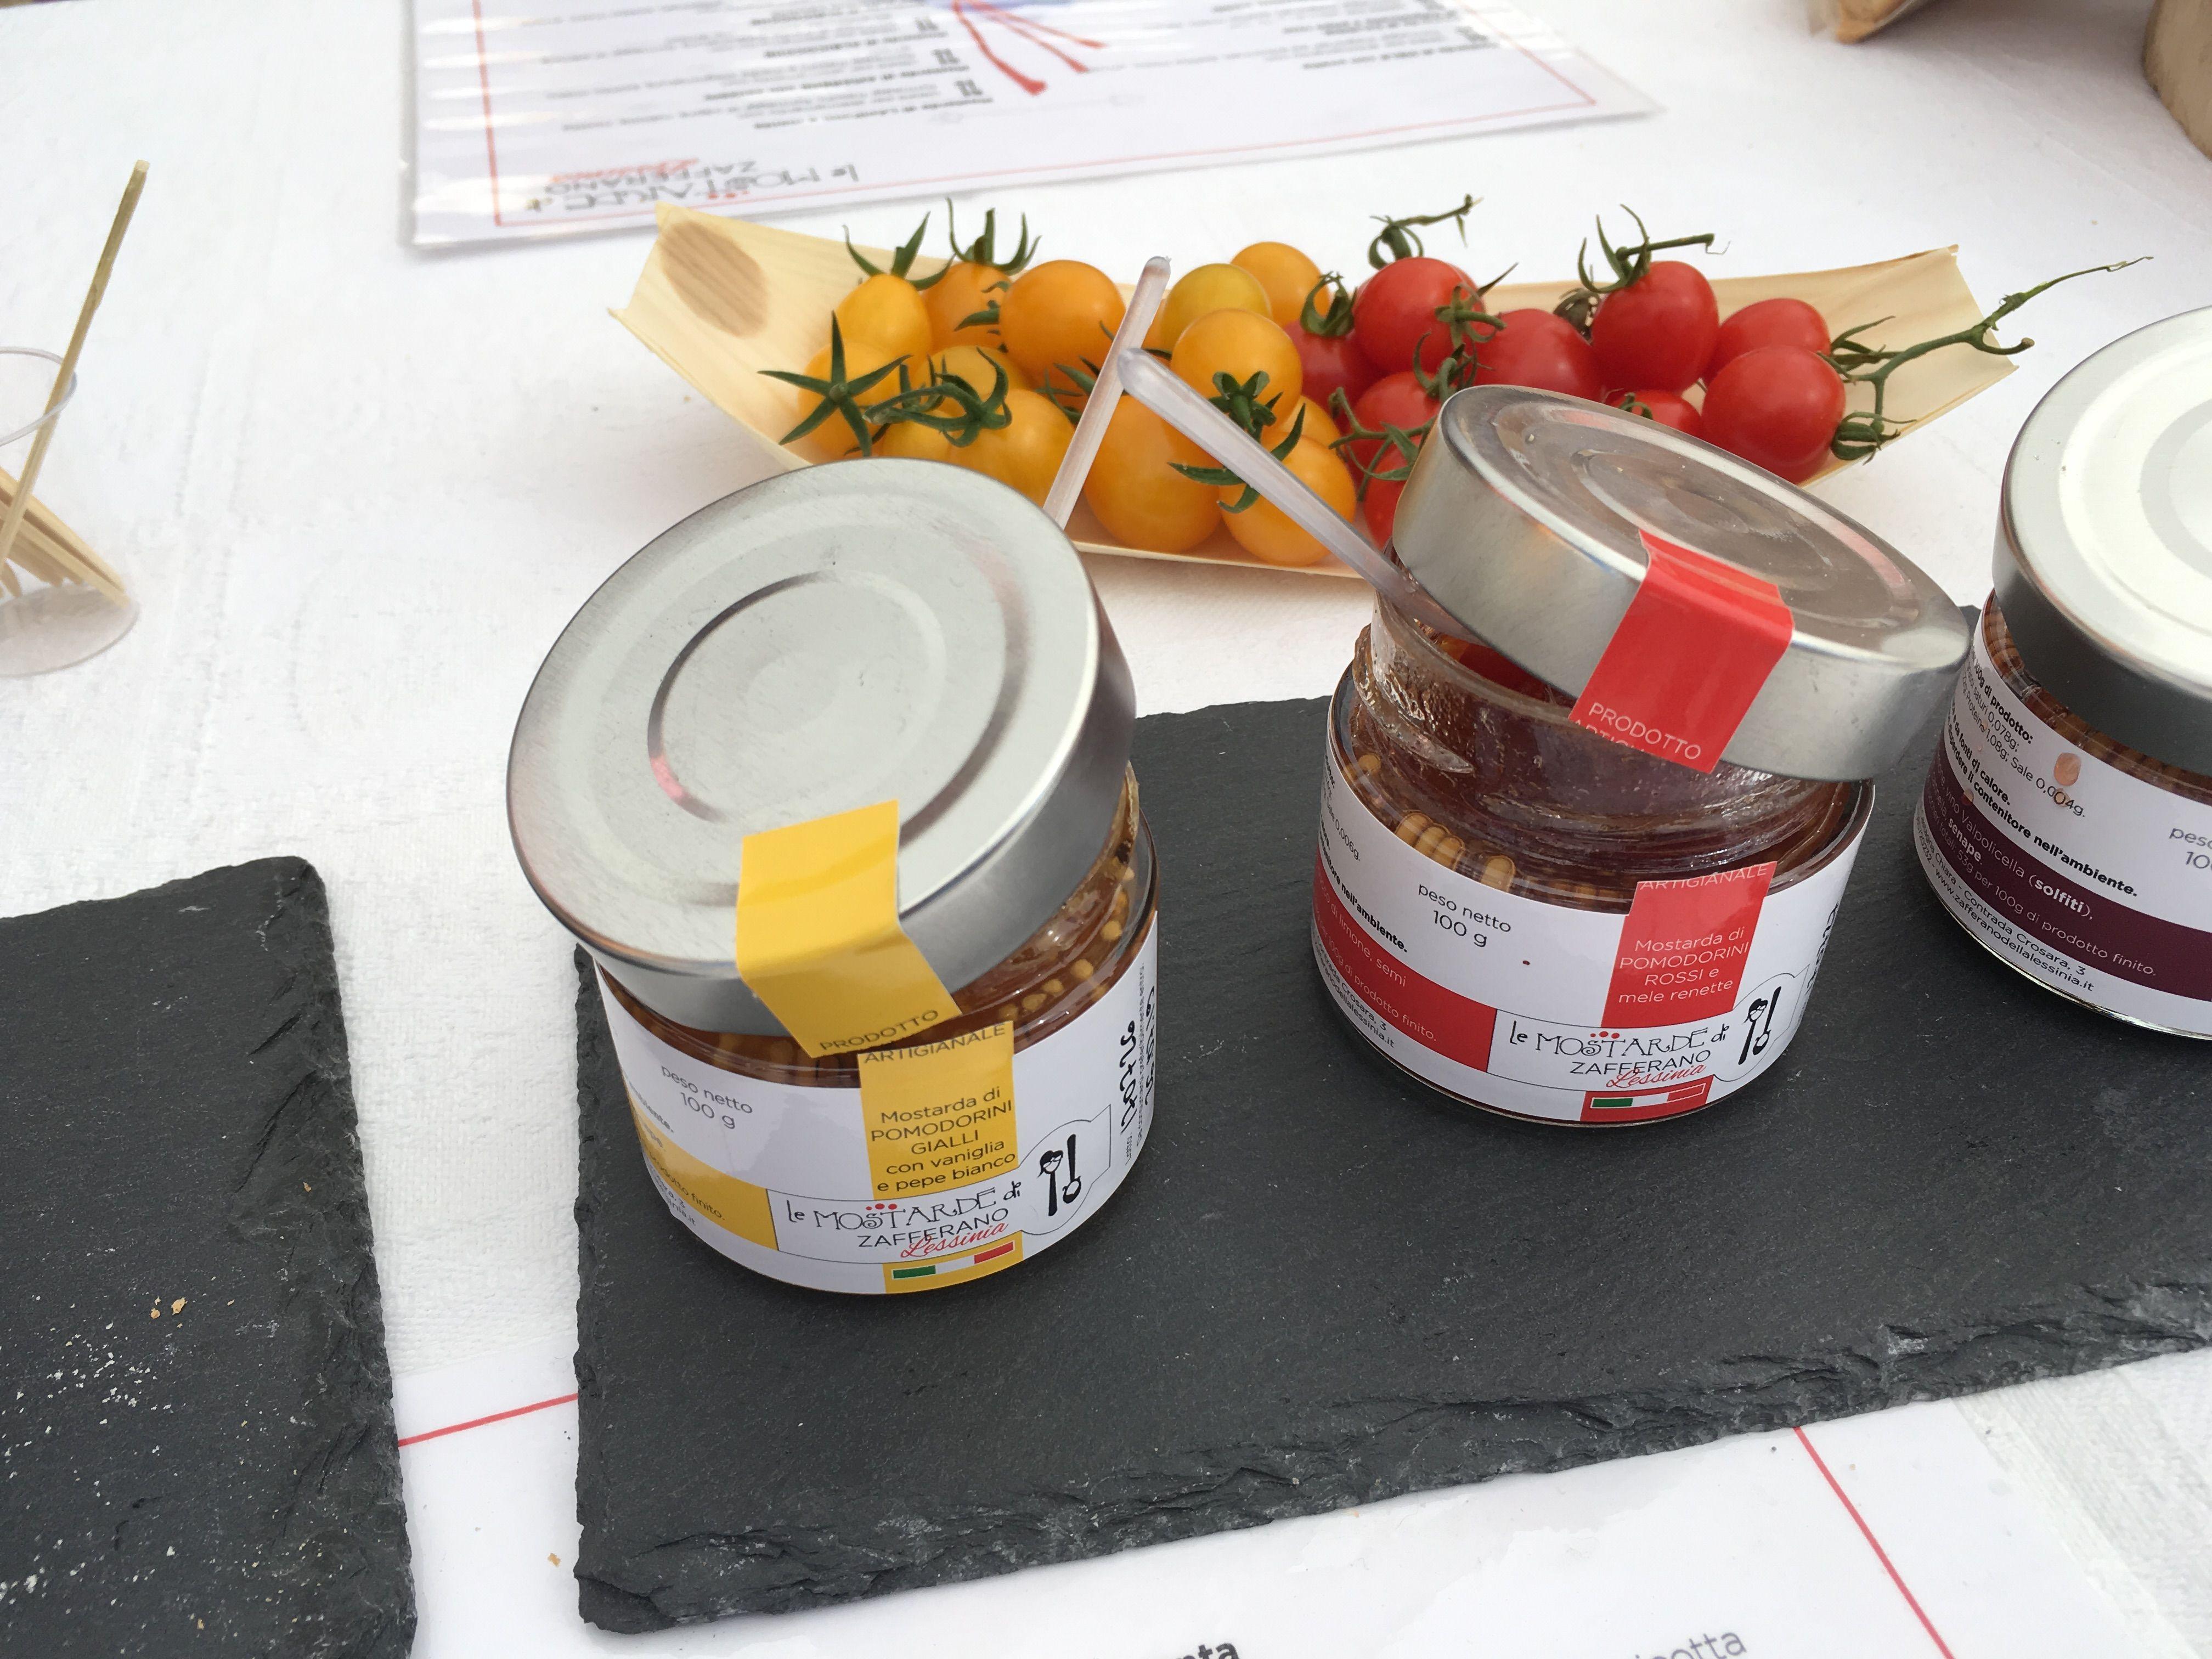 vasetti di mostarda pomodorini gialli e rossi